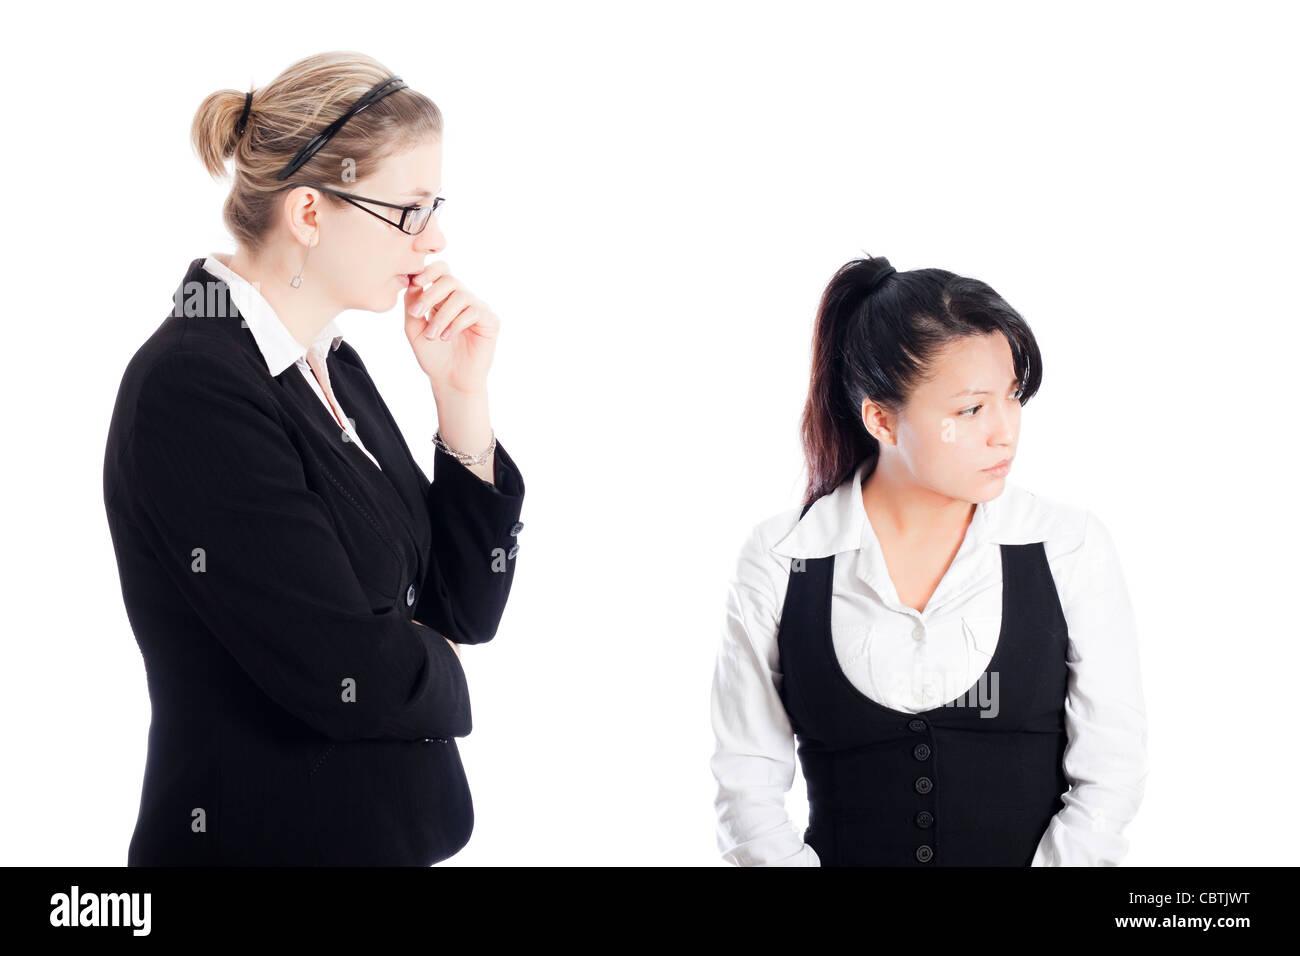 Deux femmes d'affaires axés sur l'invention de nouvelles idées. Isolé sur fond blanc. Photo Stock